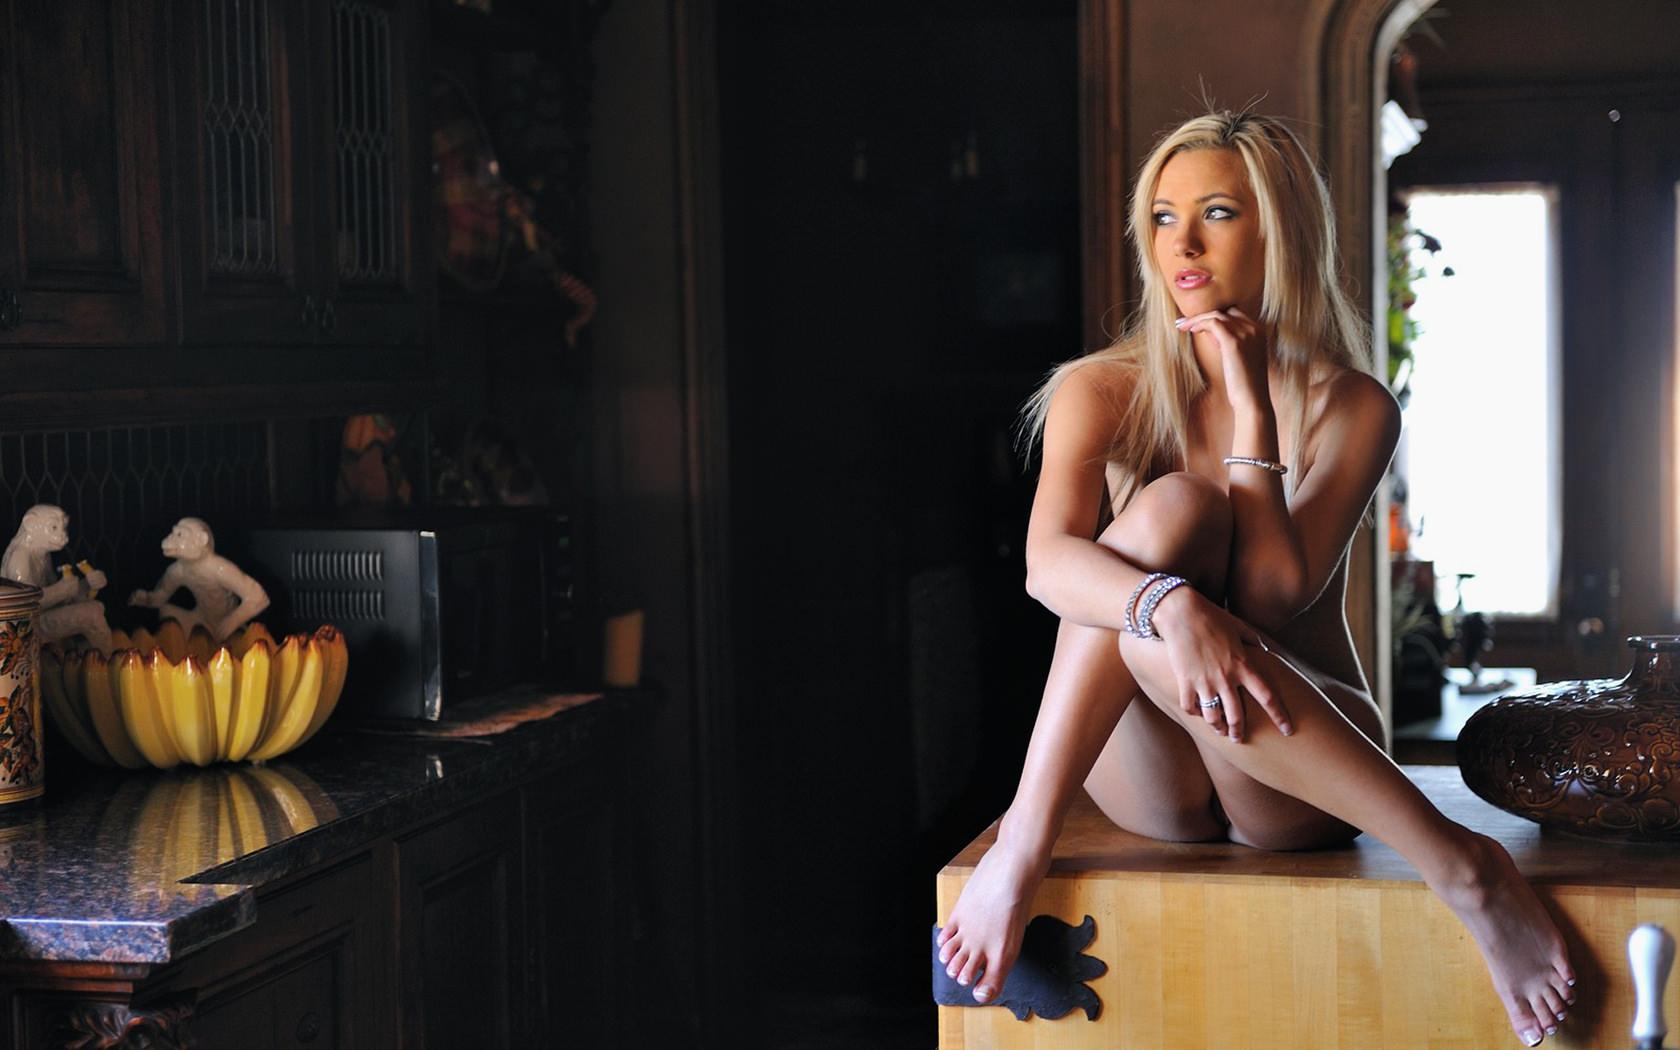 Сексуальная девушка смотреть онлайн 9 фотография